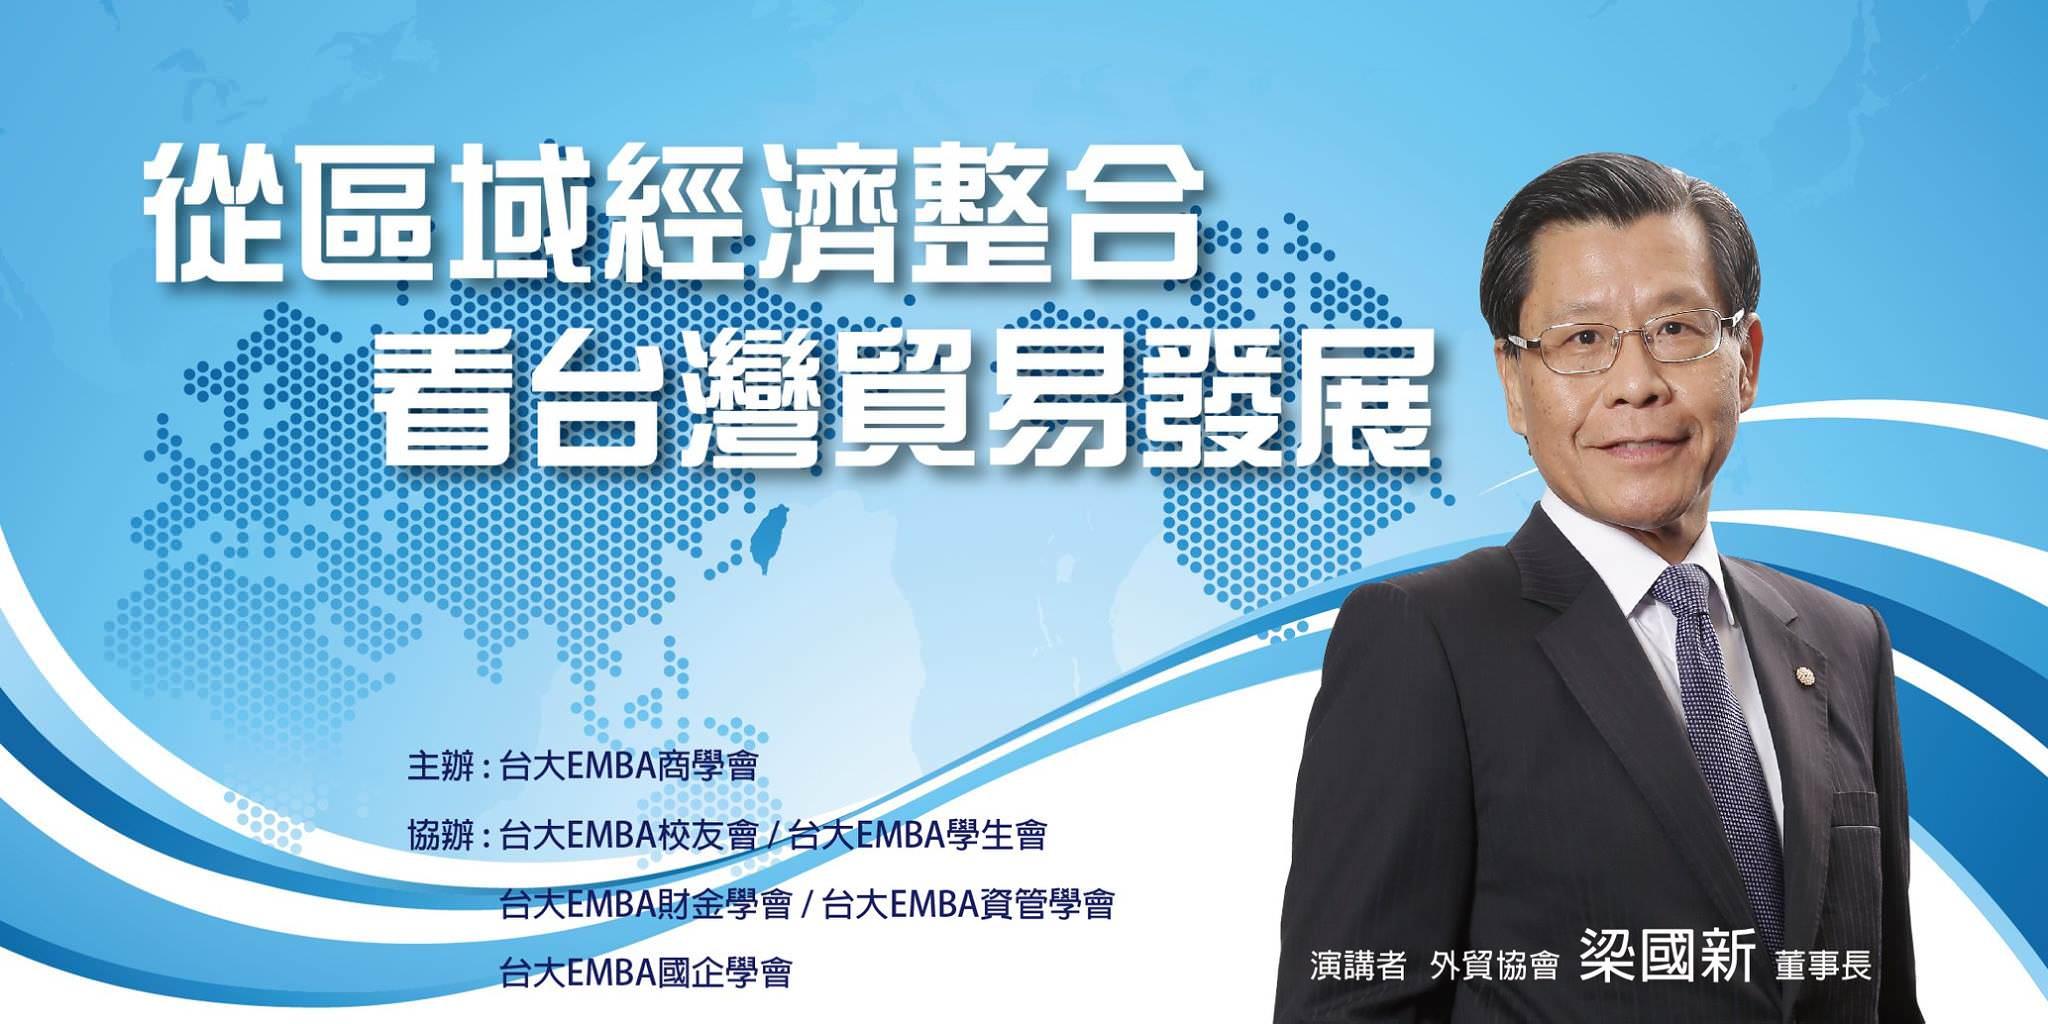 10/31(五)18:30 外貿協會梁國新董事長「從區域經濟整合看台灣貿易發展」演講,歡迎報名!